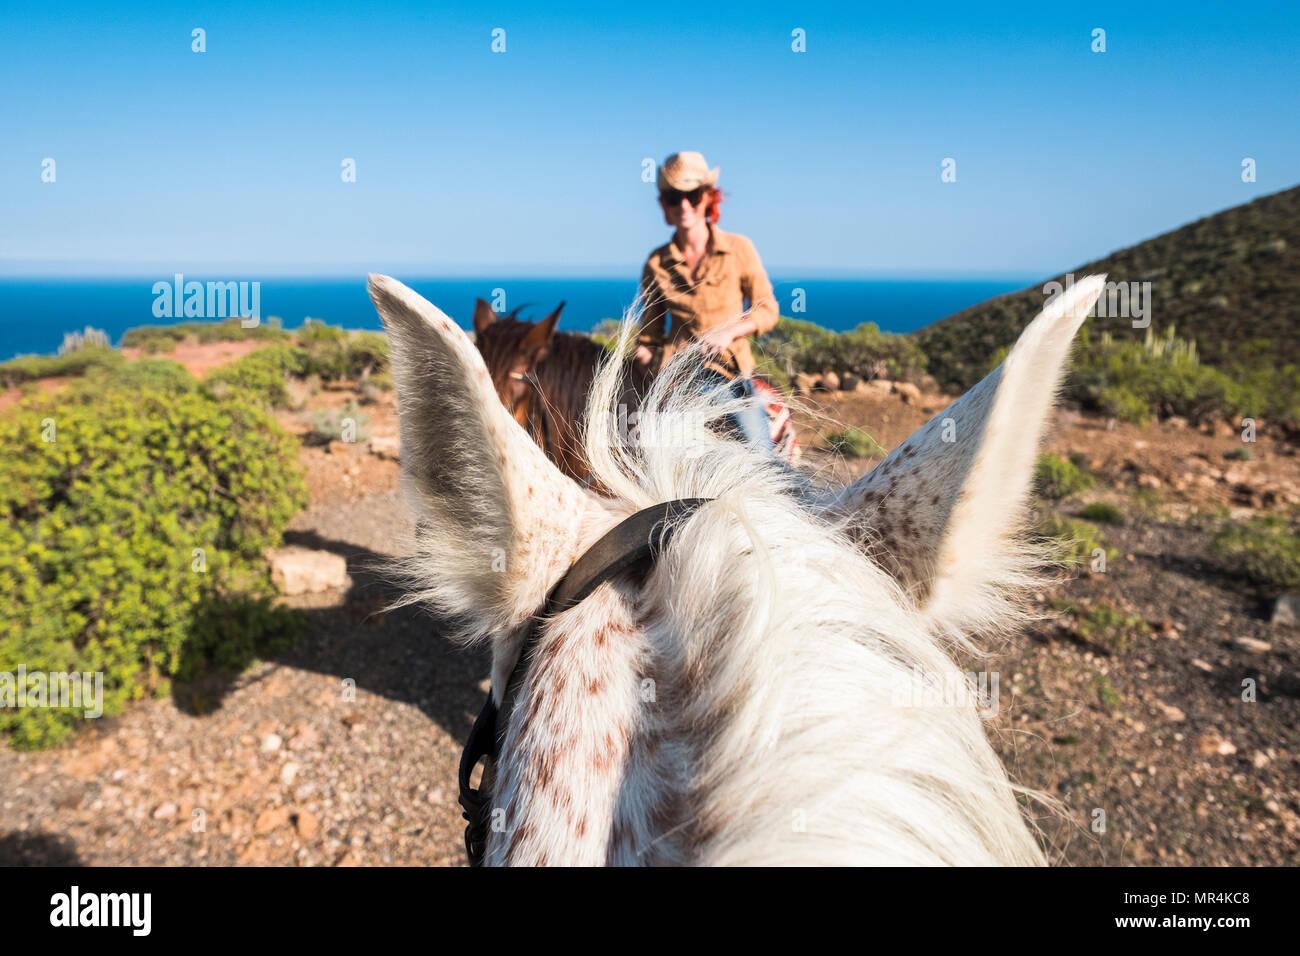 Rare portrait de nice d'une belle jeune fille monter à cheval faite par un autre cavalier au cheval blanc. C'est drôle et sauvage photo pour un couple en relation avec le Photo Stock